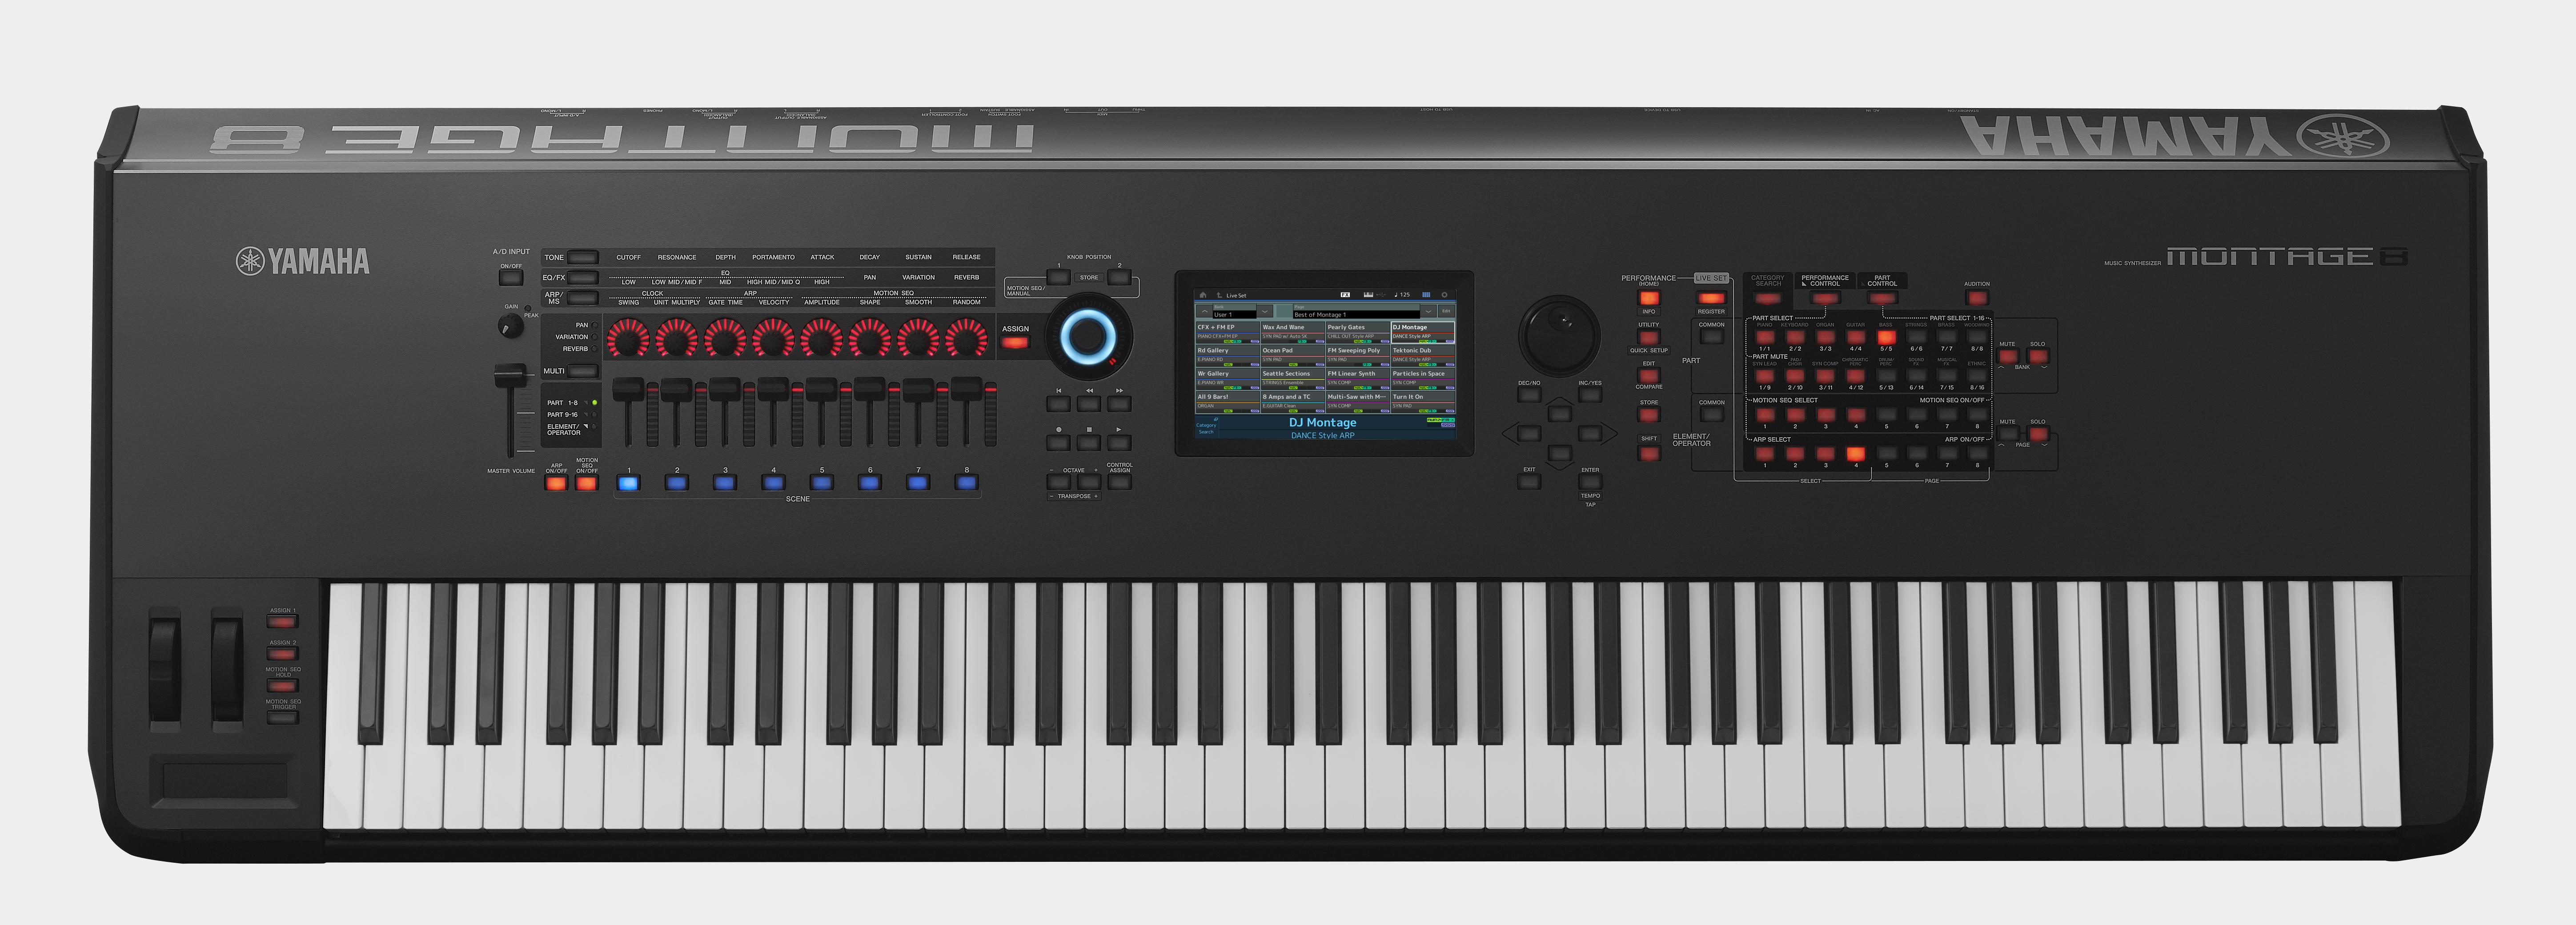 Montage 1.5 trae mejoras de sonido, control y flujo de trabajo.- djprofiletv